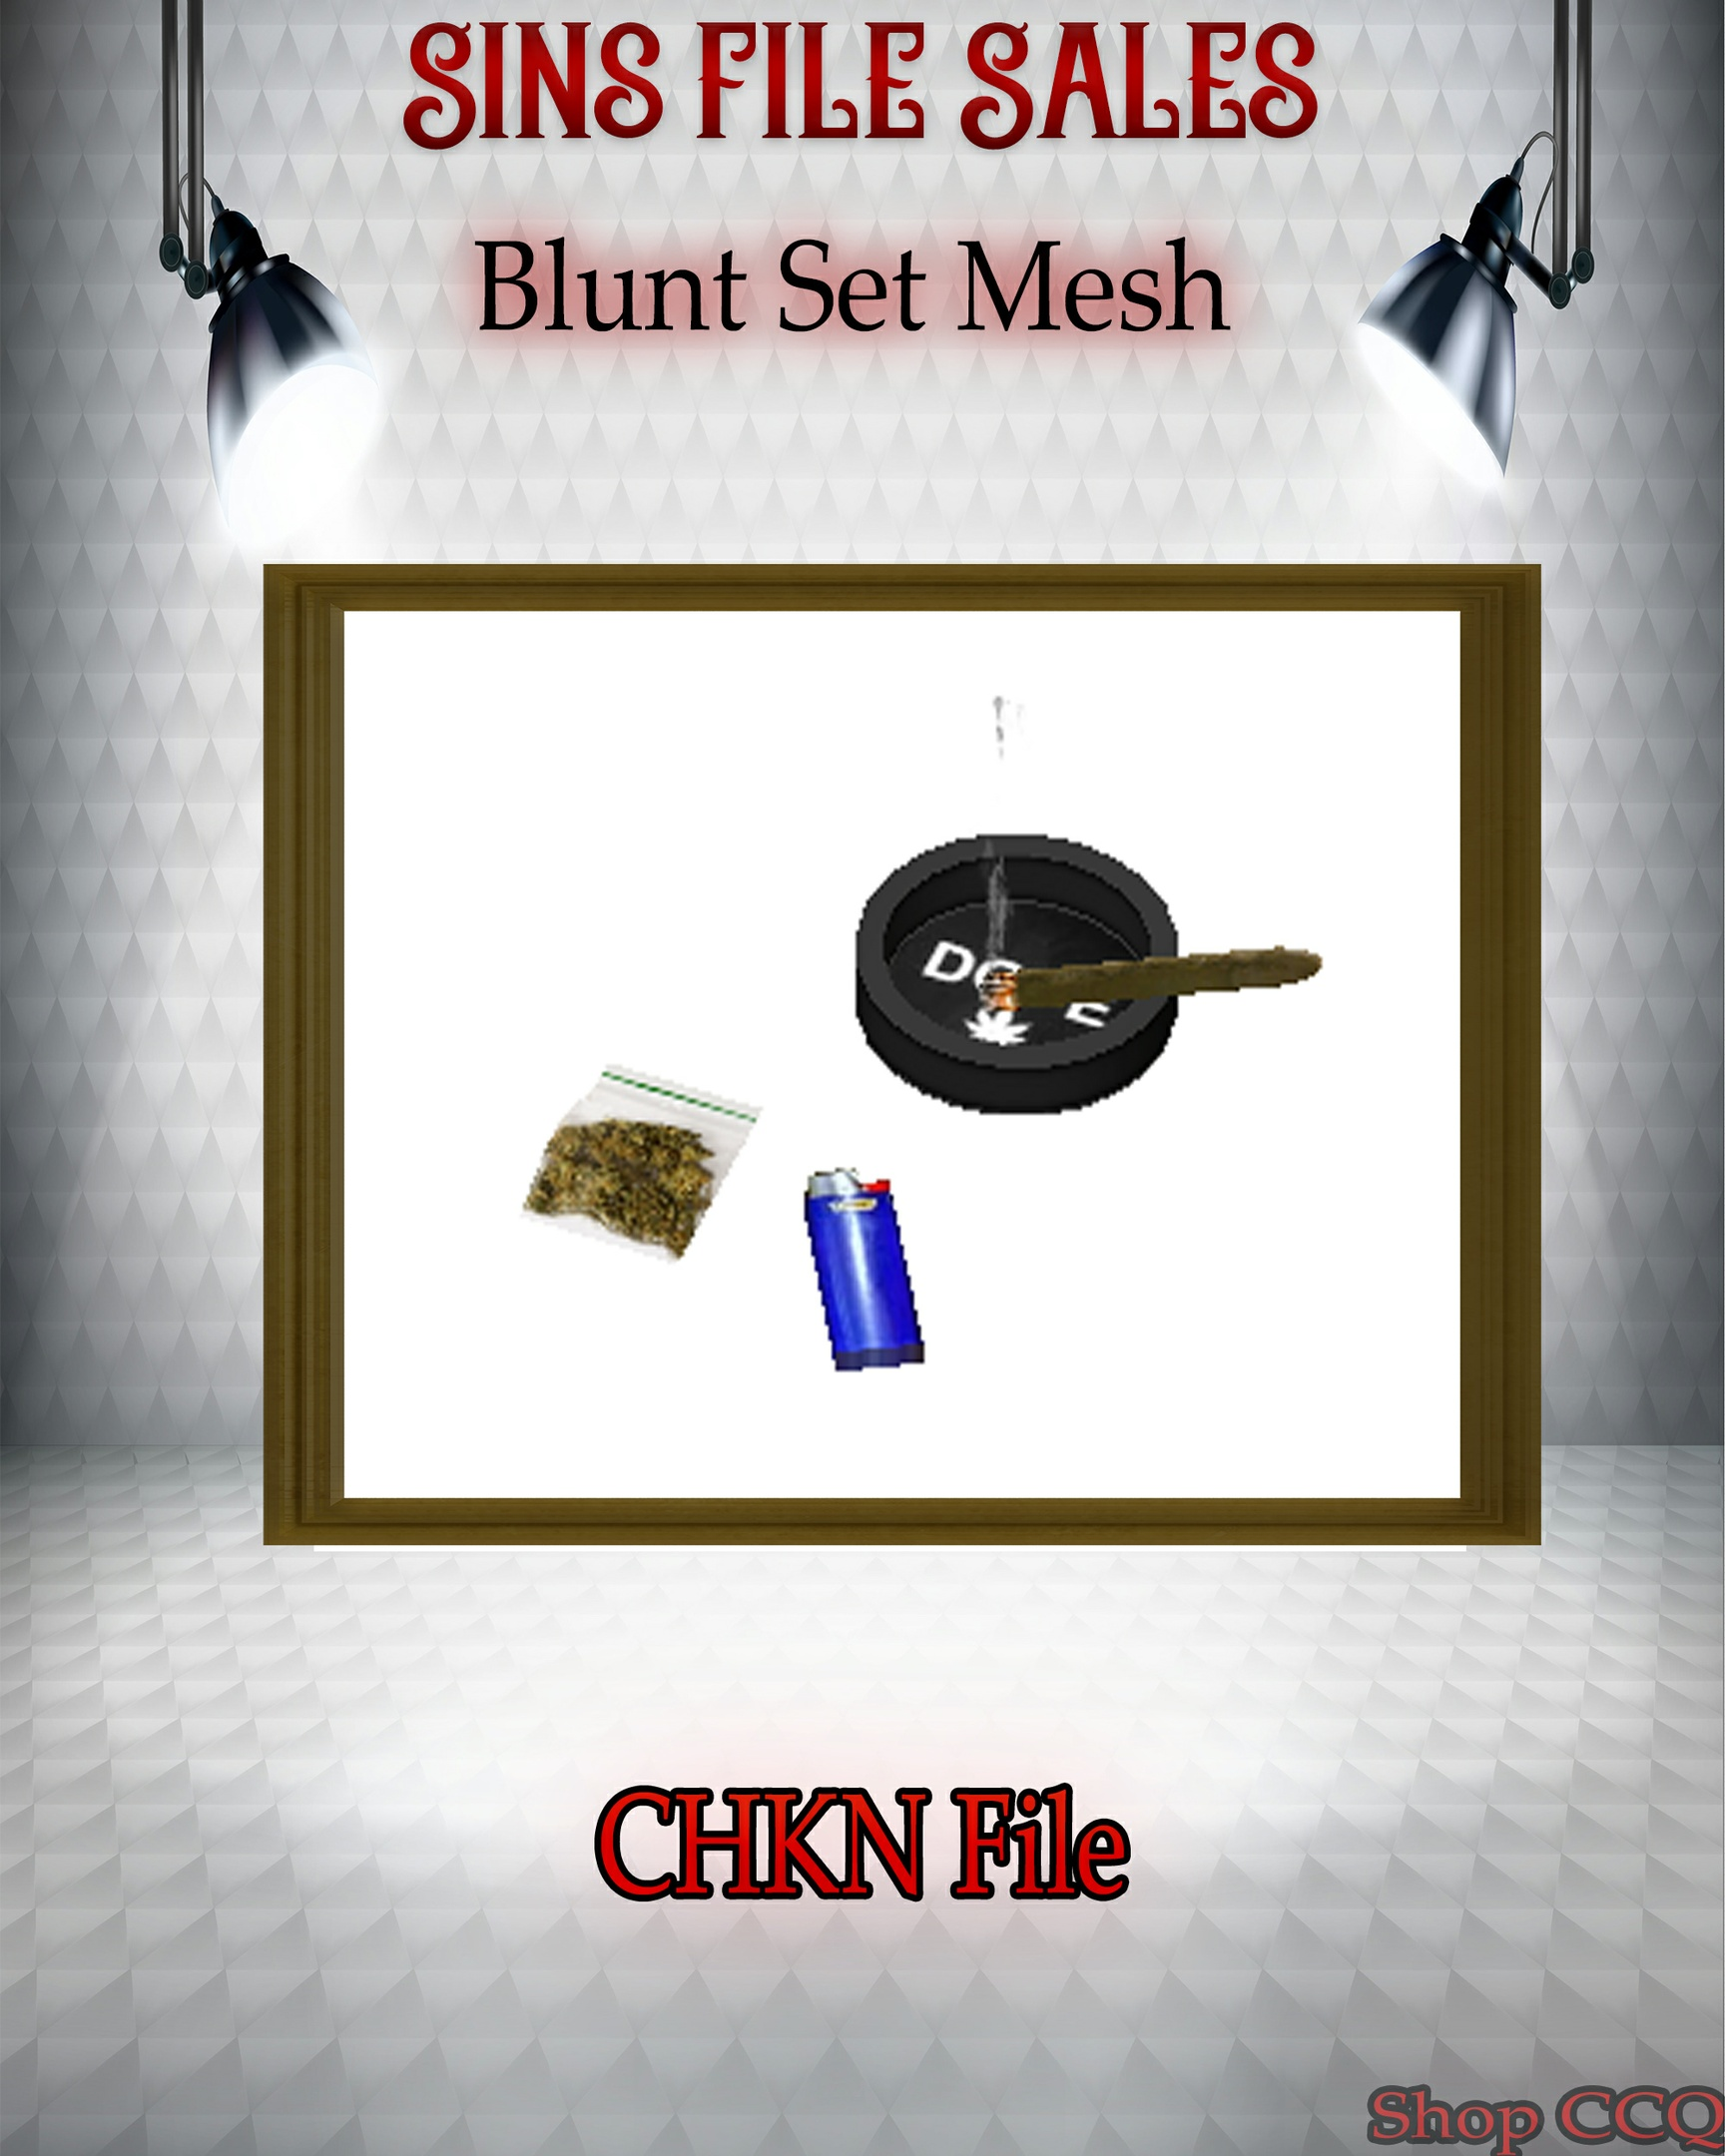 •Blunt, Ashtray Set Mesh•